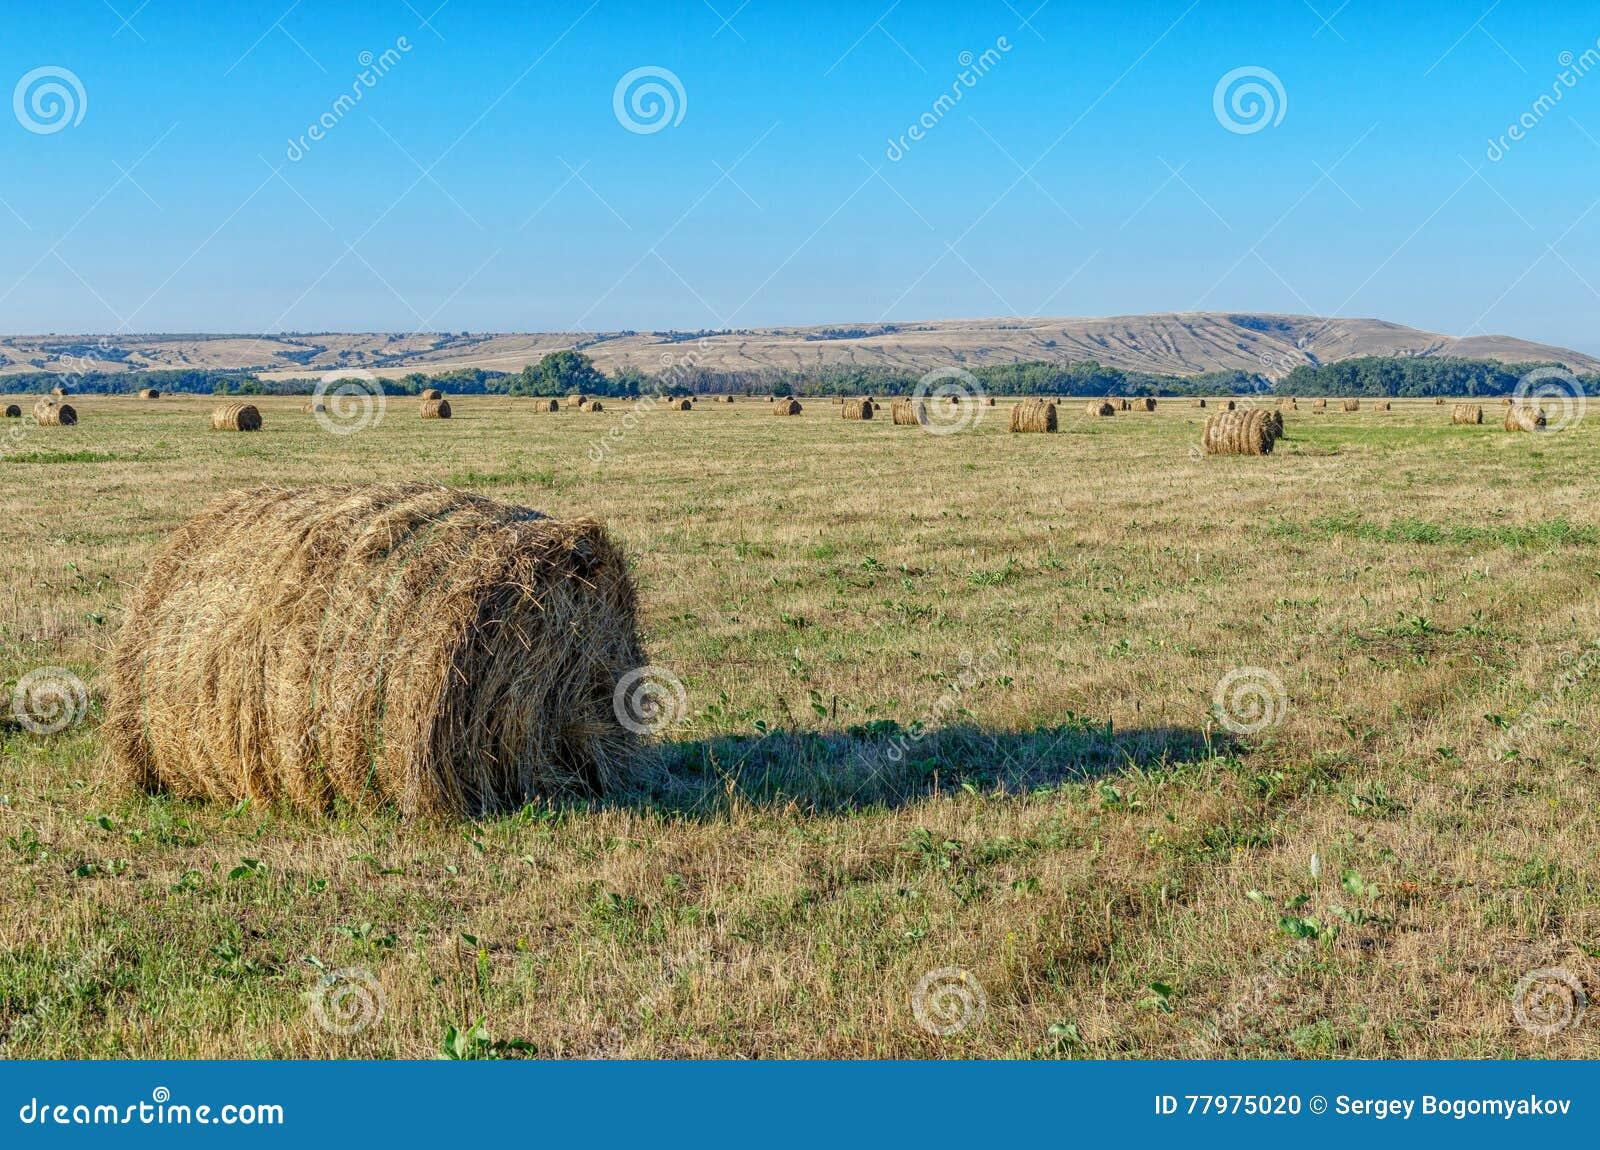 Связки соломы на обрабатываемой земле на заходе солнца Стога сена кладут на желтое поле в золотом свете заходящего солнца Голубое